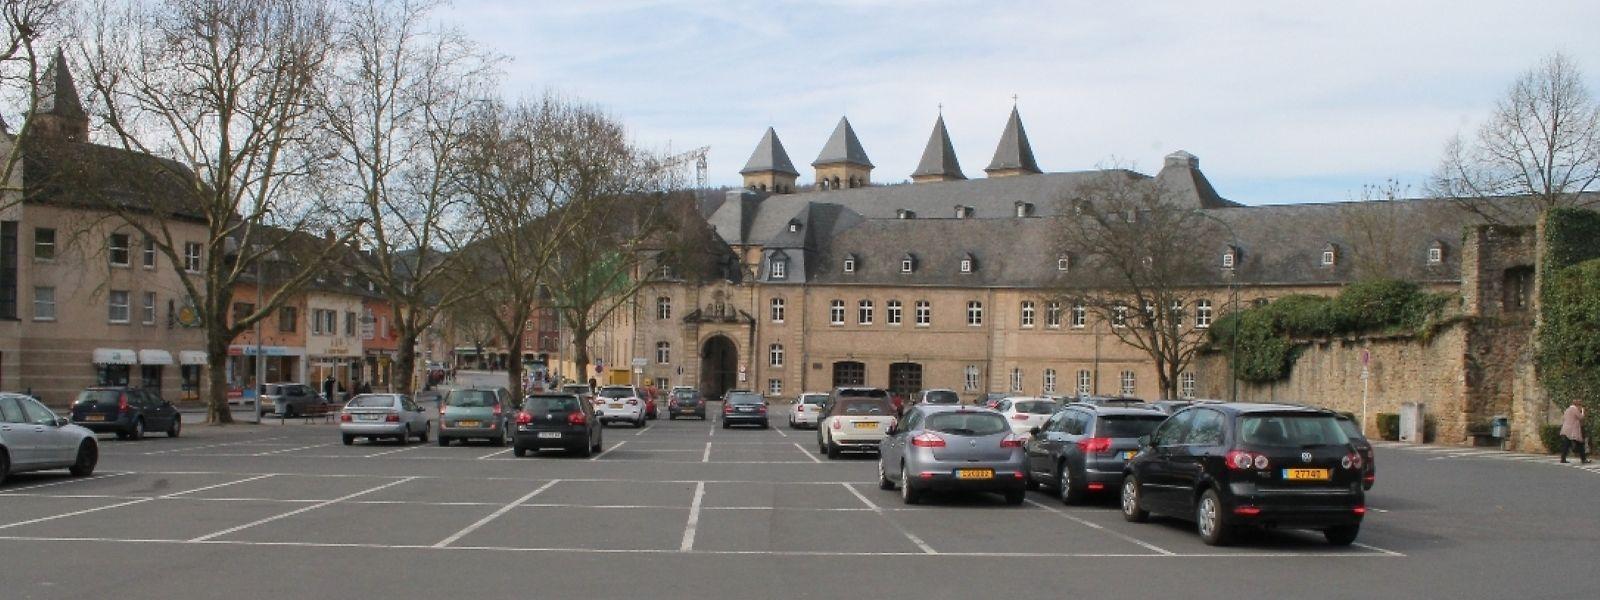 """Der Parkplatz """"A Kack"""" vor den Toren der historischen Stadt."""